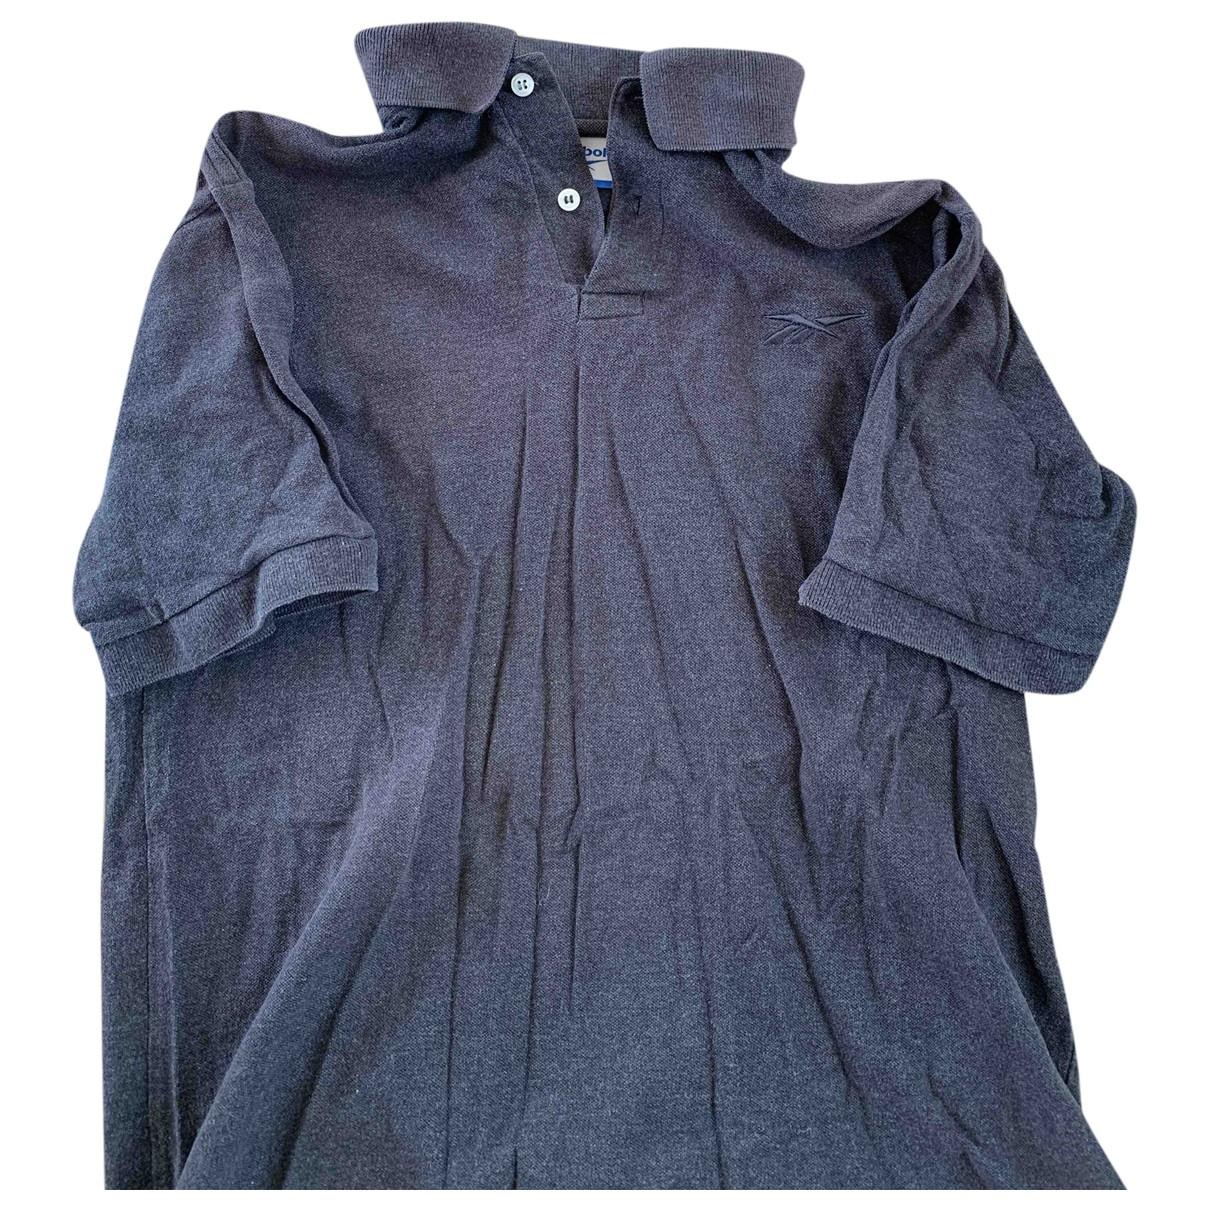 Reebok \N T-Shirts in  Grau Baumwolle